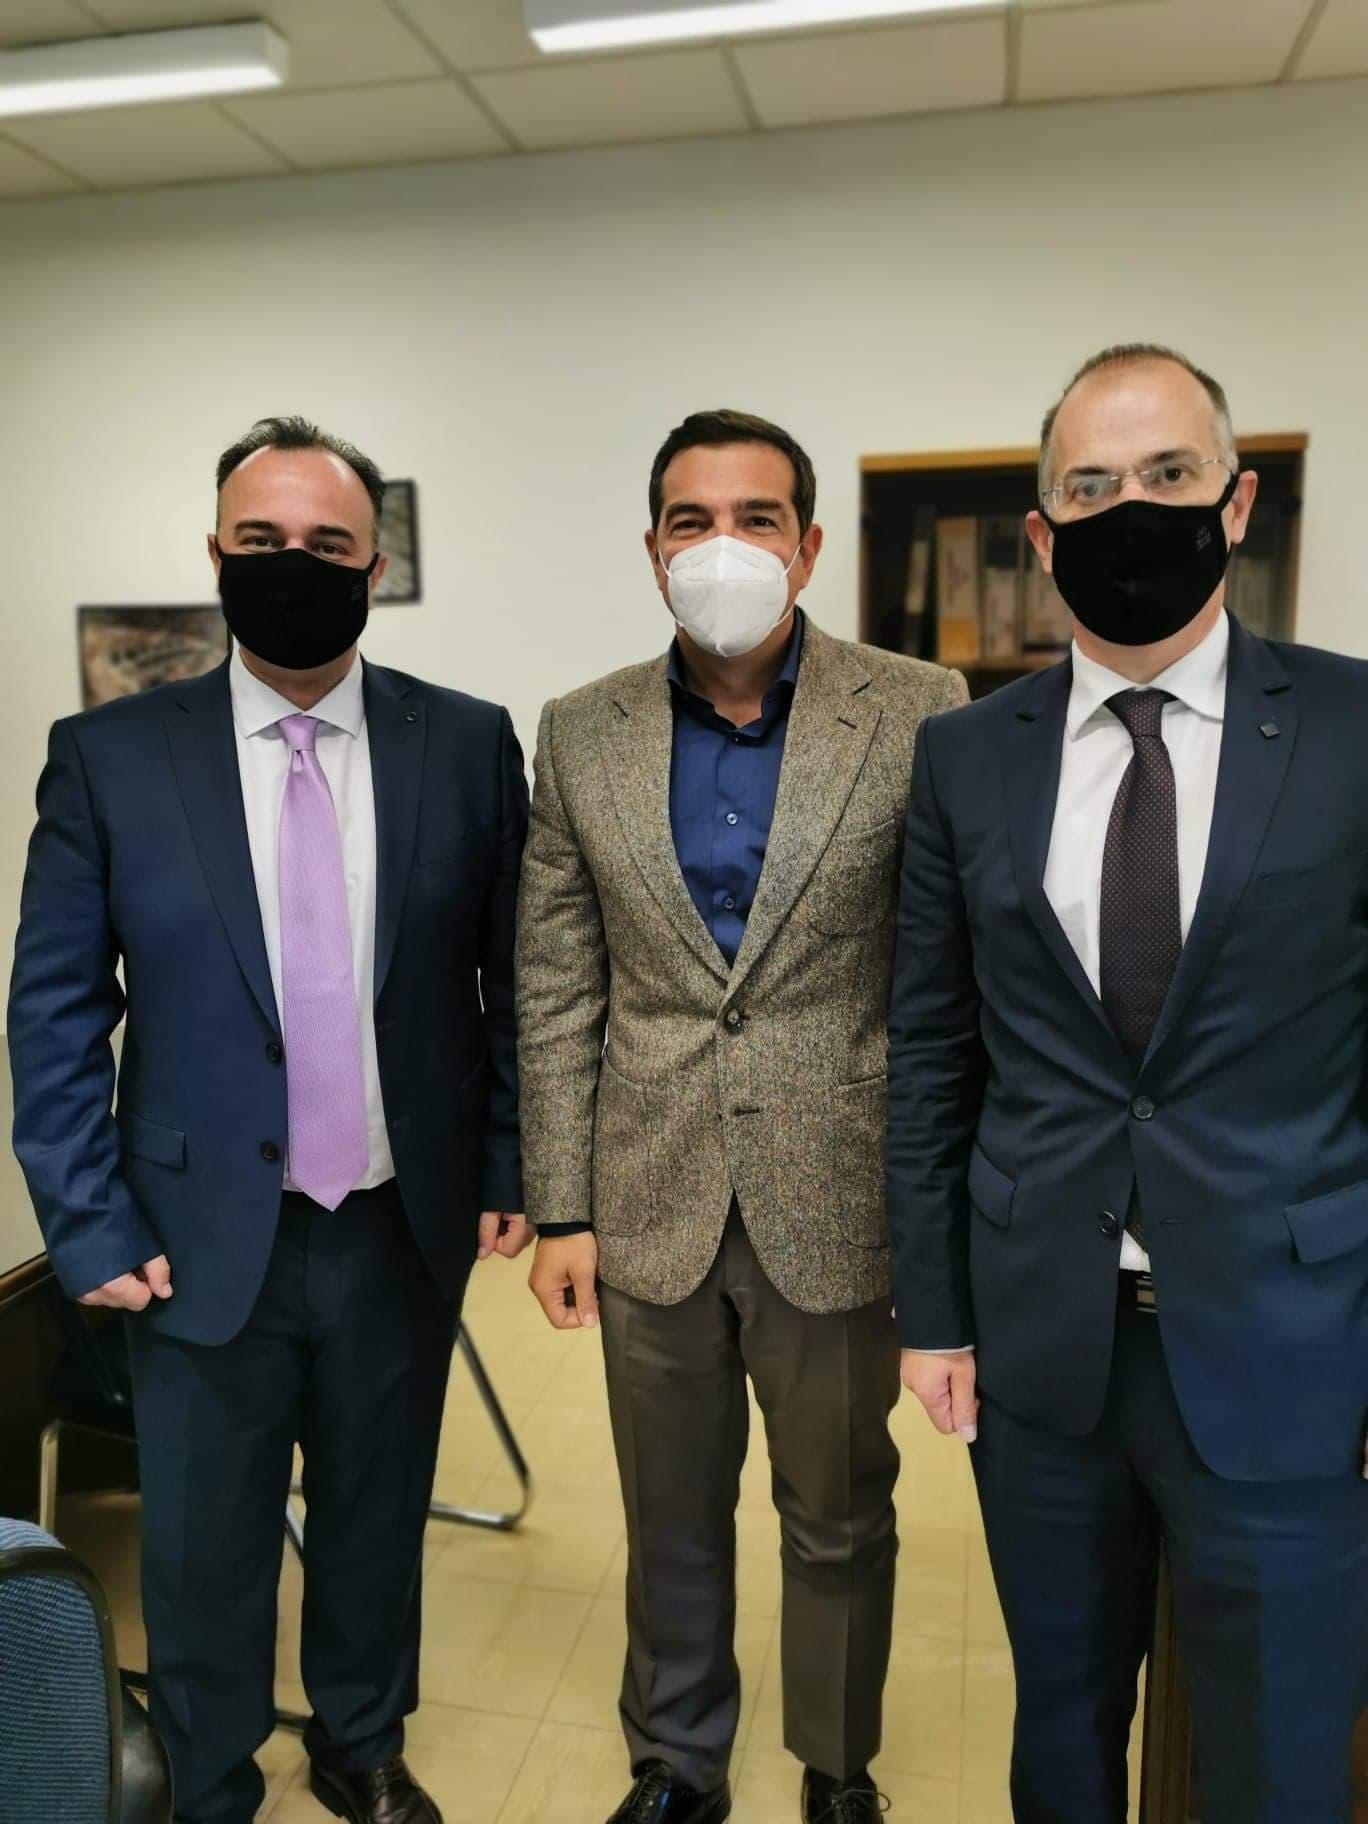 Στο Πανεπιστημιακό Νοσοκομείο Ιωαννίνων  ο Αλ. Τσίπρας